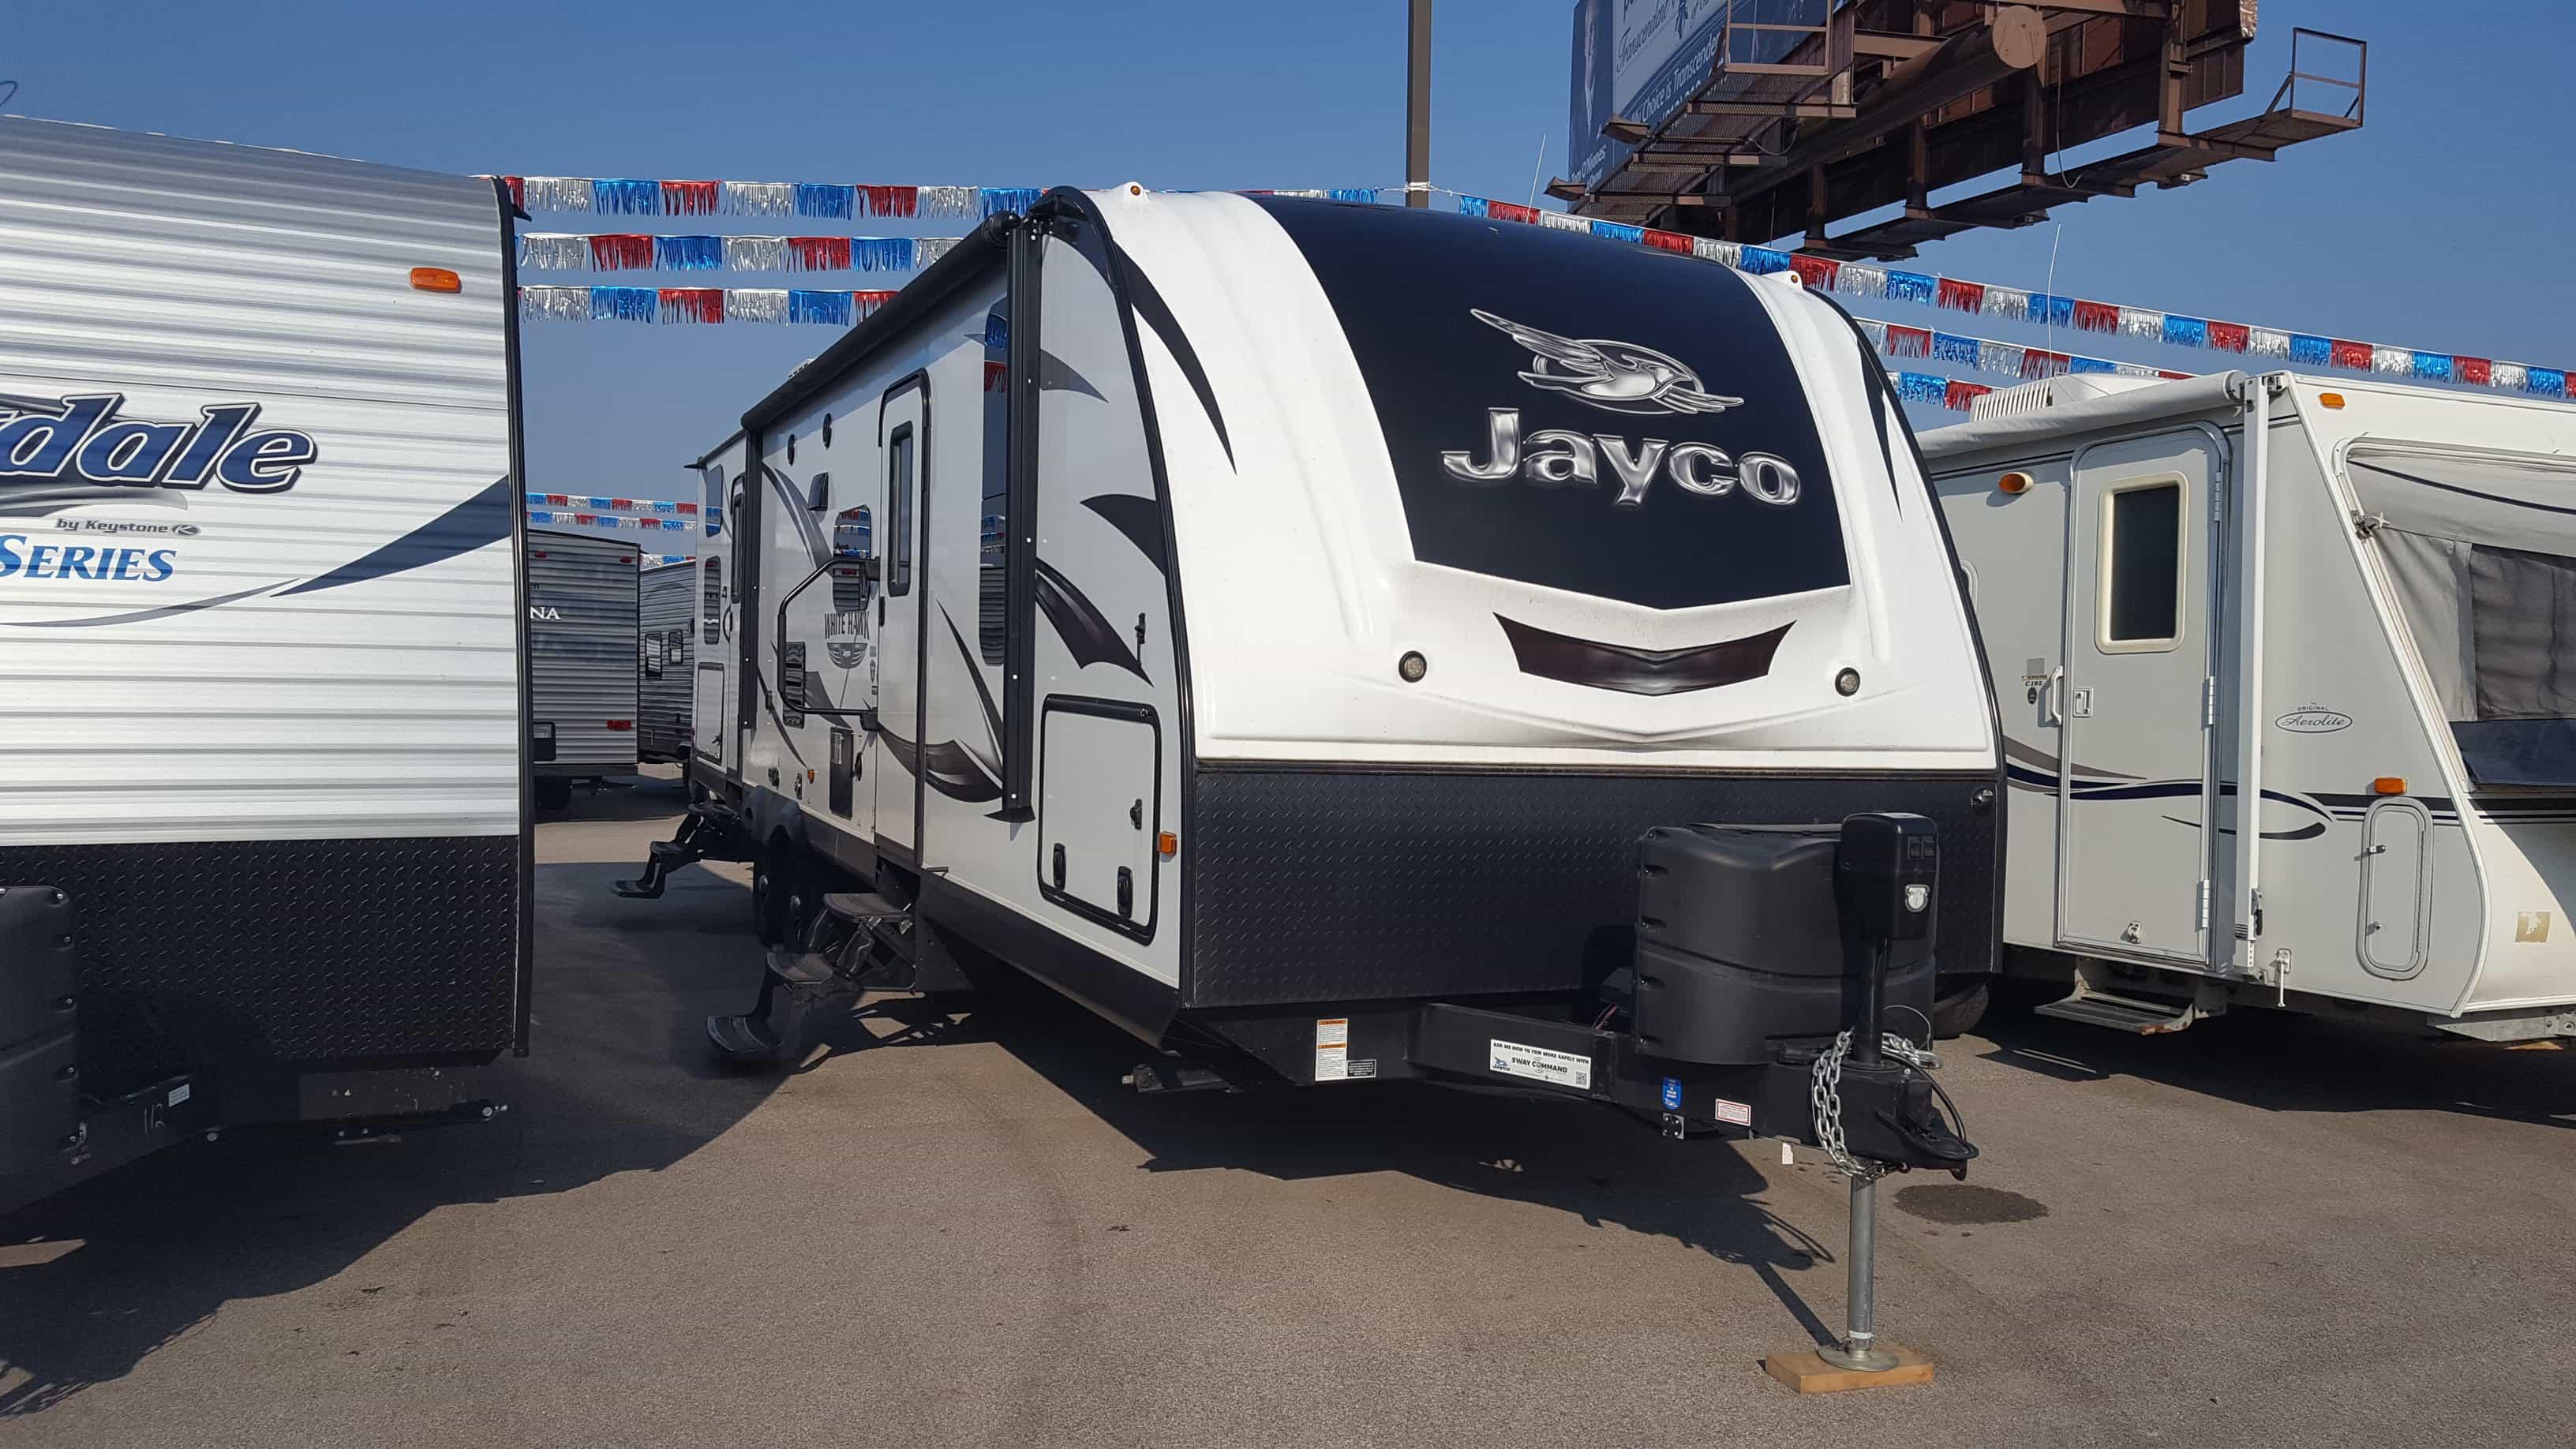 USED 2016 Jayco WHITE HAWK 32DSBH - American RV